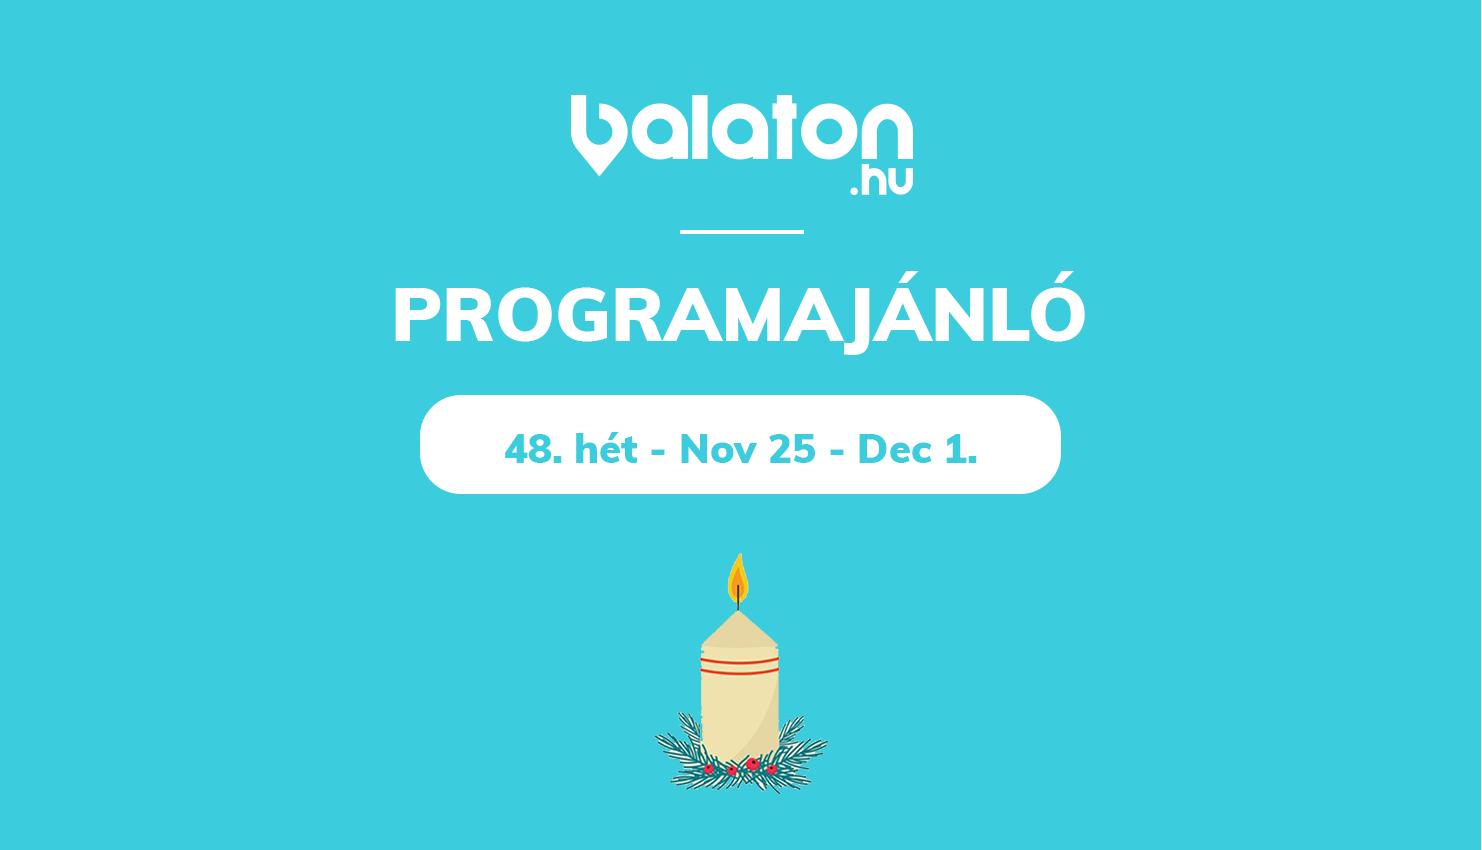 Heti programajánlónk – 48.hét / November 25 – December 1.